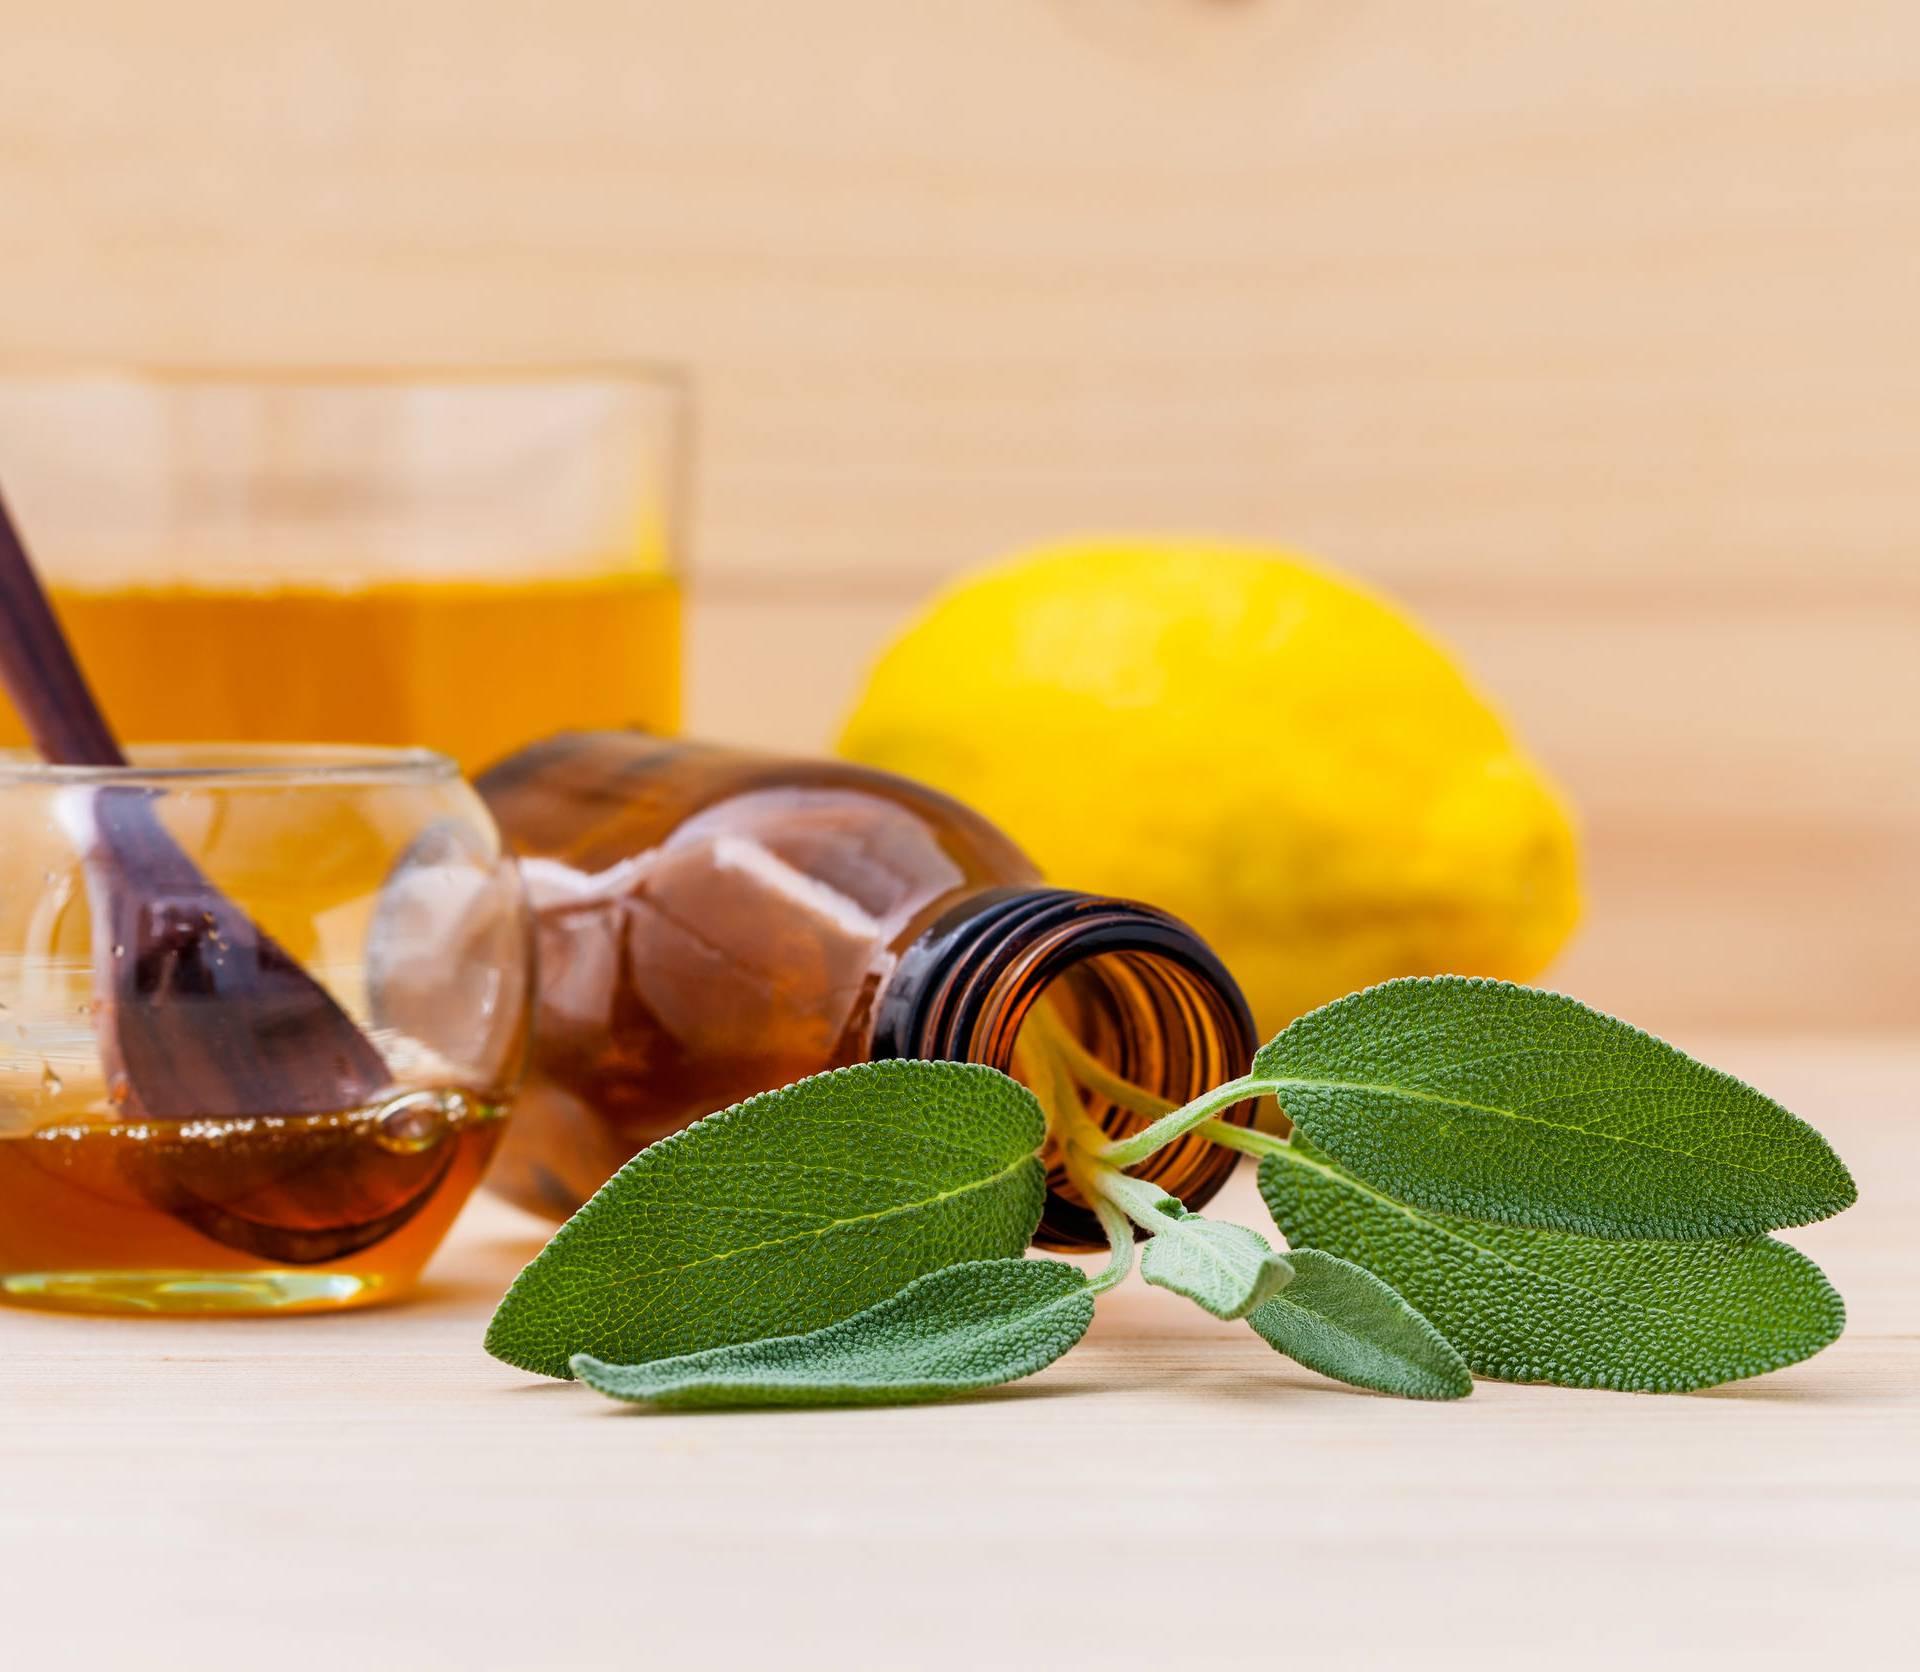 Čaj od anisa, kadulje i paprene metvice pomaže kod upale grla